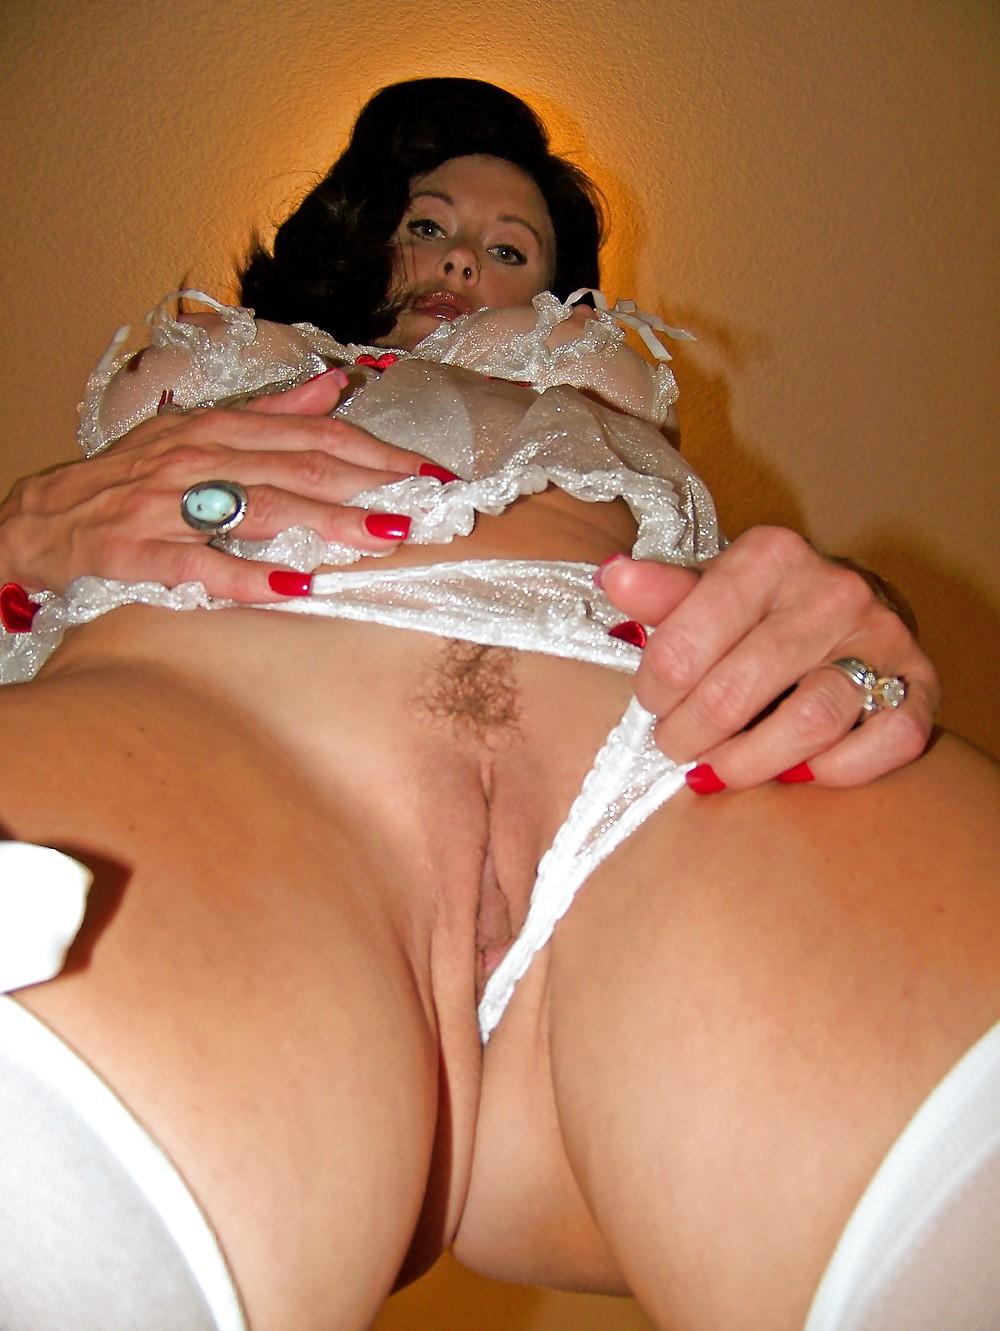 Housewife panties porn